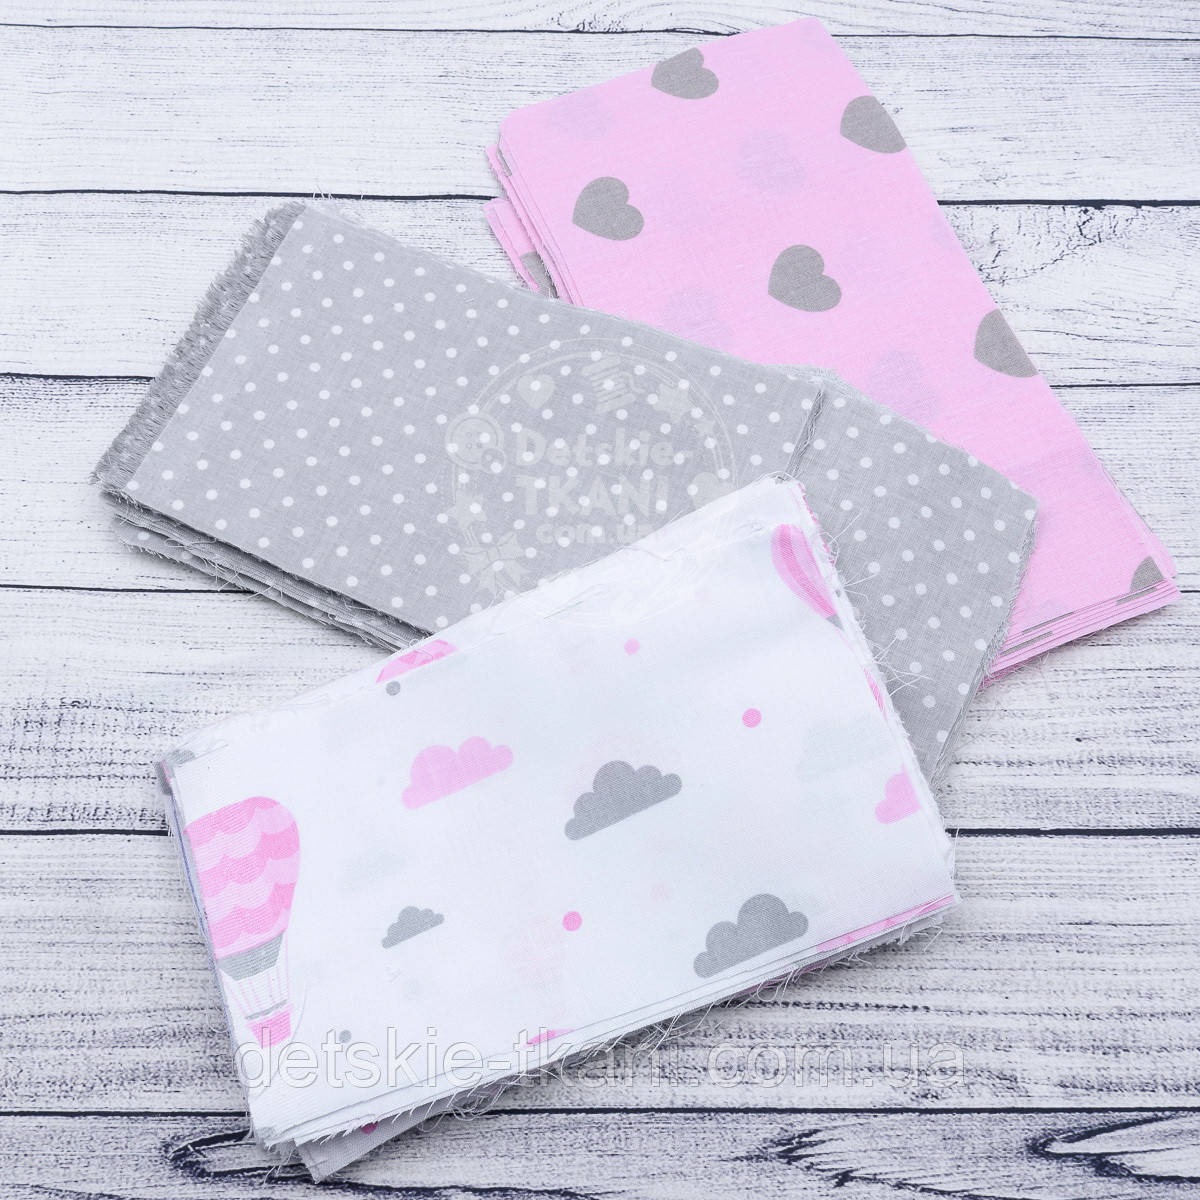 """Набор тканей для рукоделия """"Сердечки, воздушные шары и горошек"""" серо-розового цвета №93"""